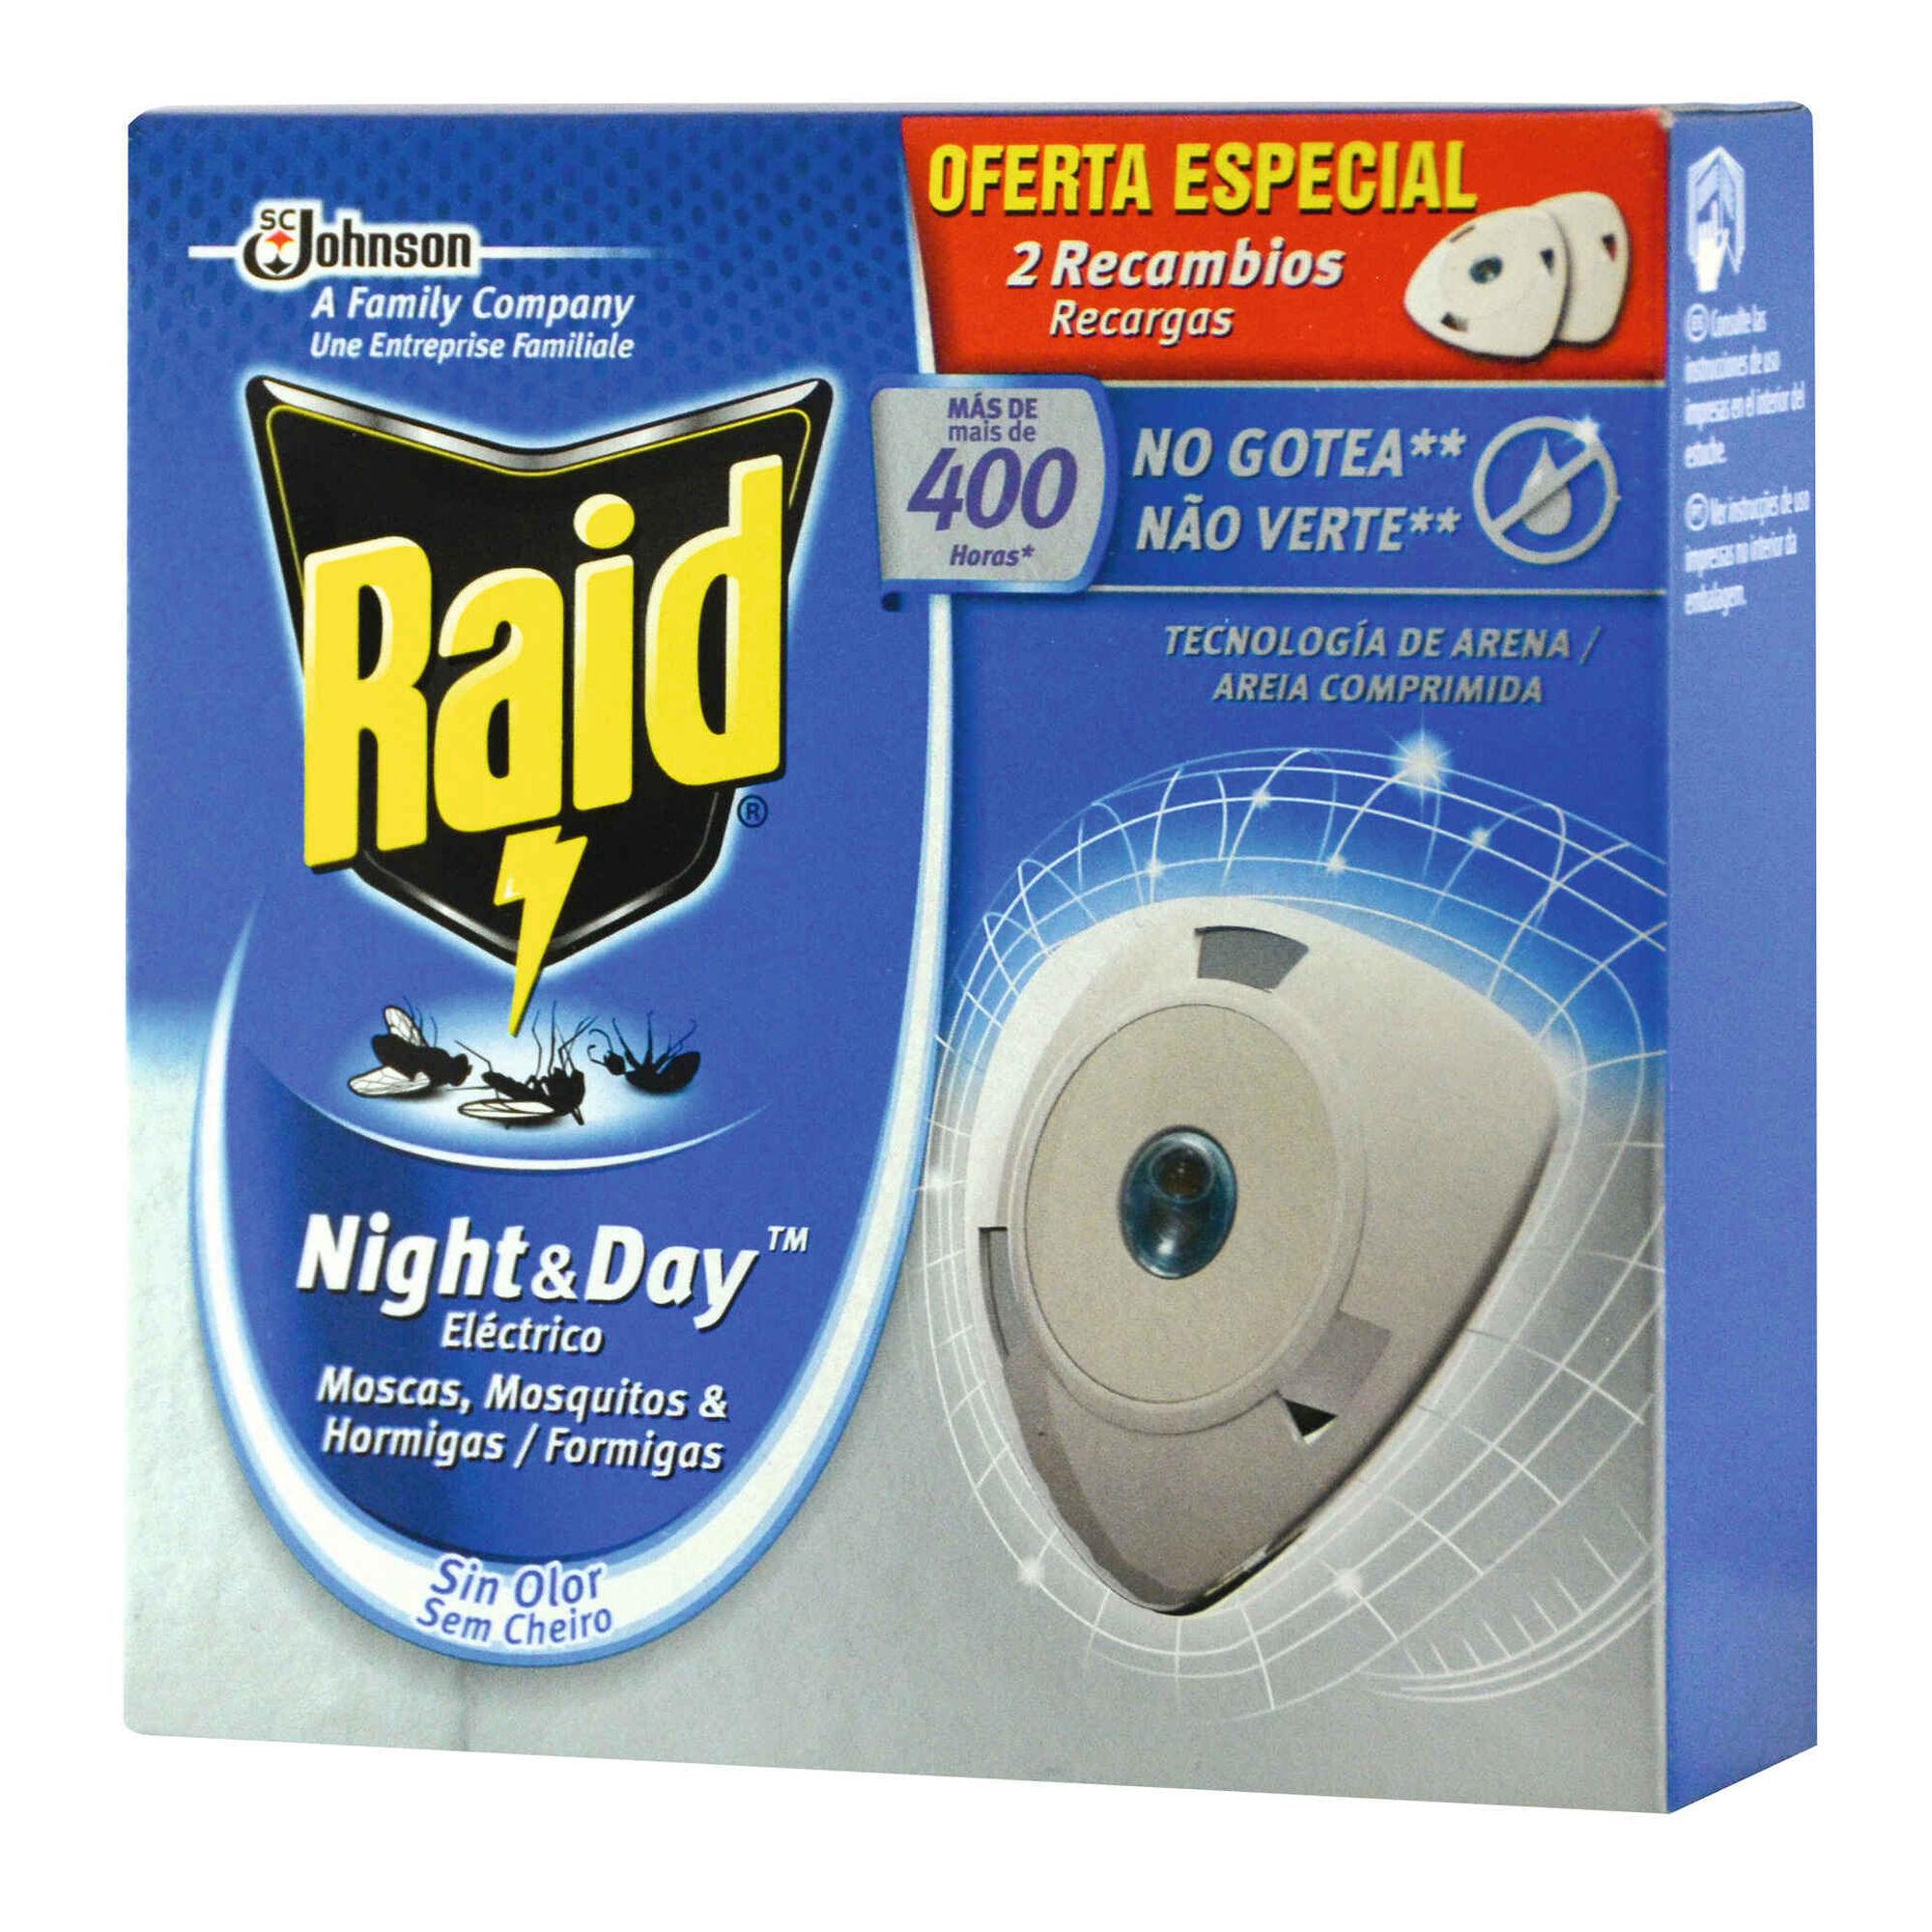 Recarga Night&Day Pack Duplo